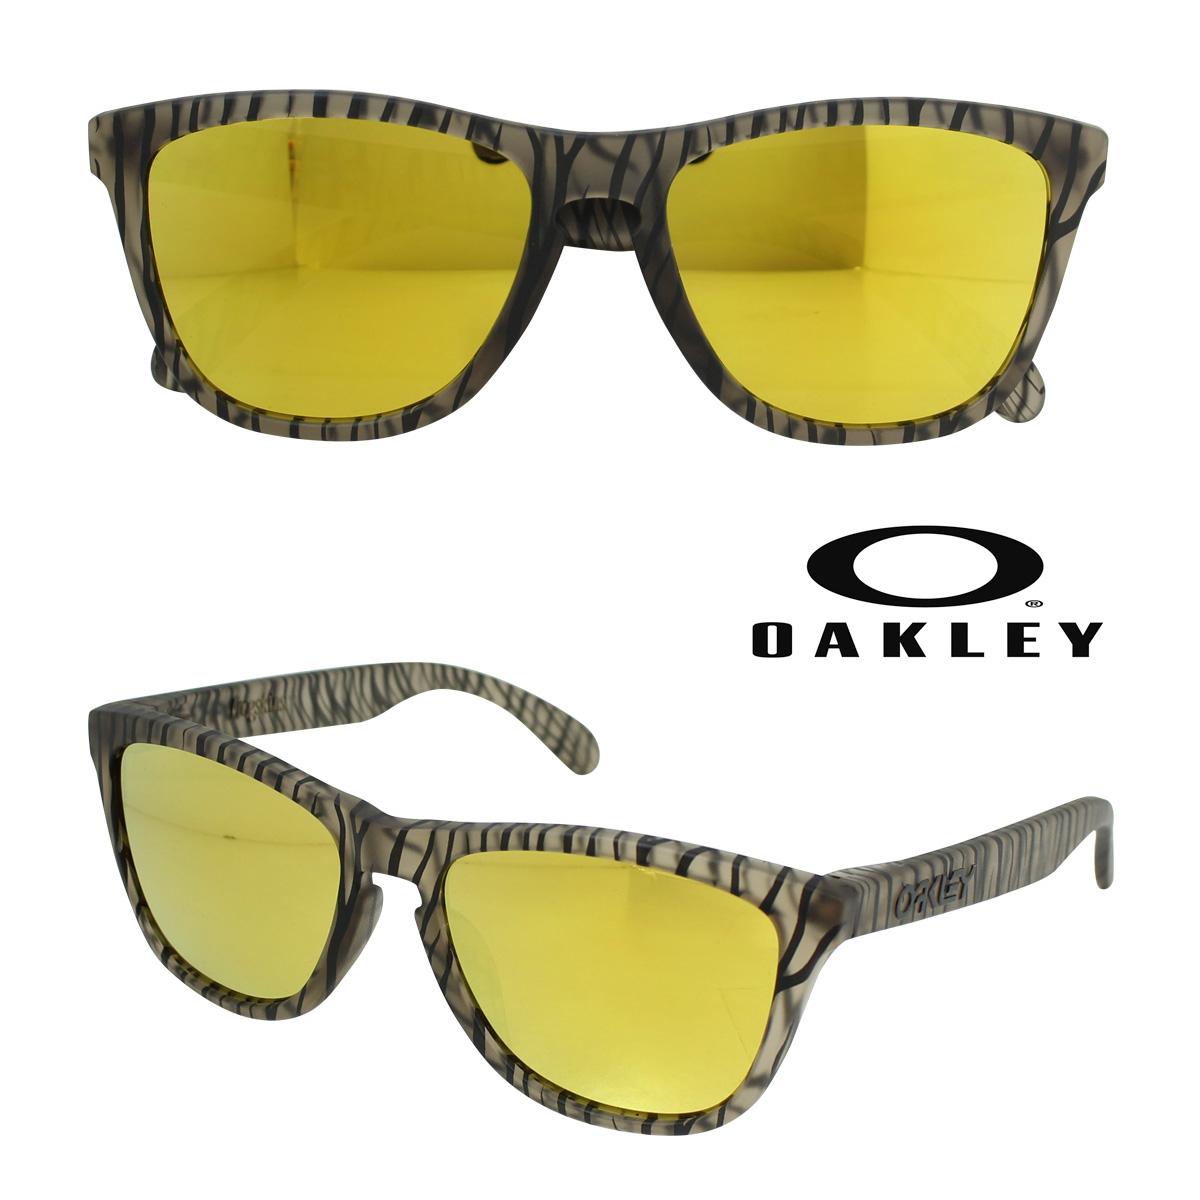 オークリー Oakley サングラス Frogskins Asian Fit フロッグスキン アジアンフィット OO9245-24 マットセピア メンズ レディース